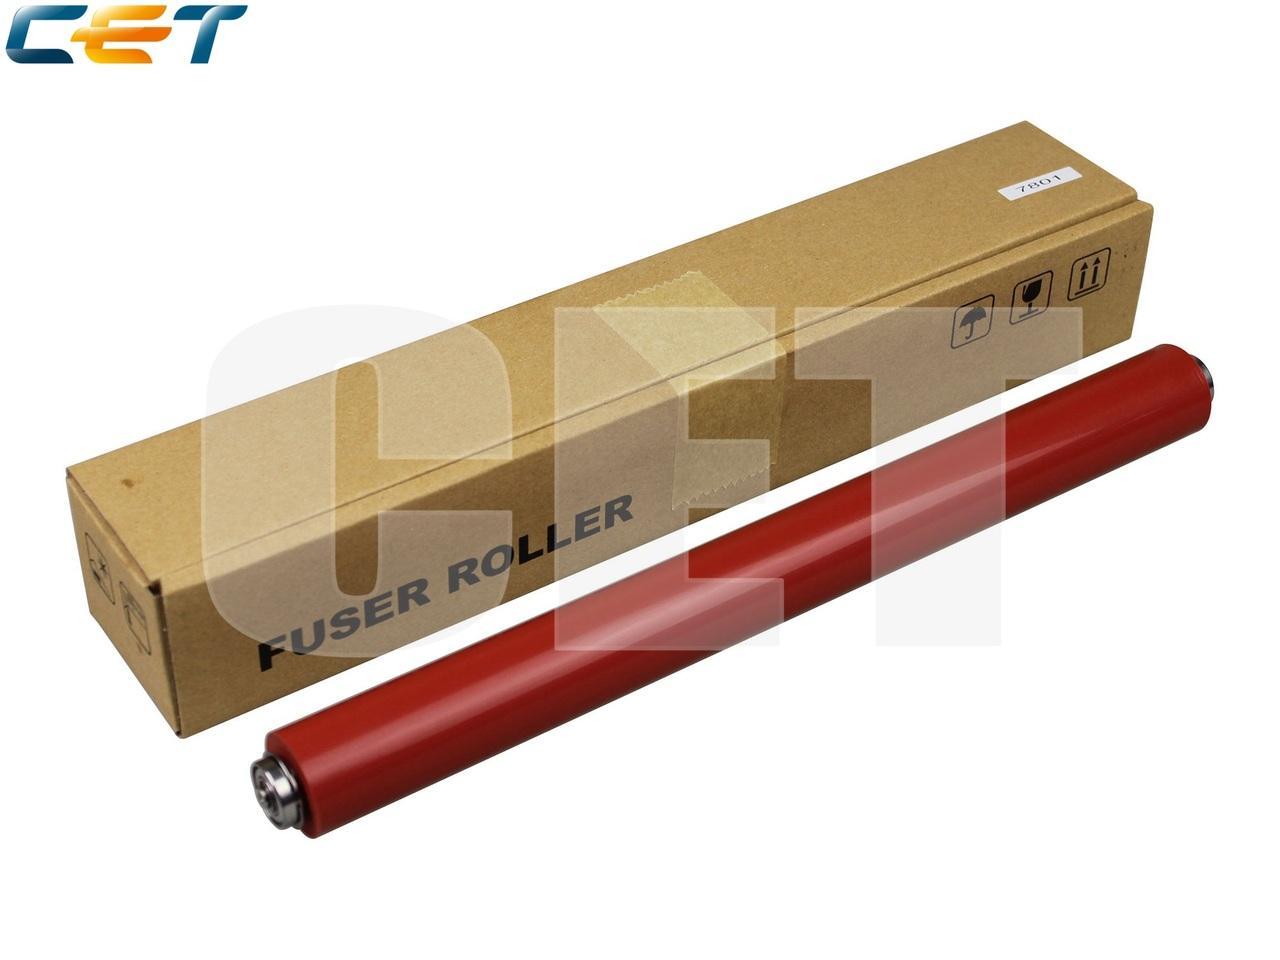 Резиновый вал с бушингами 2FB20020 для KYOCERAKM-6030/8030, TASKalfa 620/820 (CET), CET7801